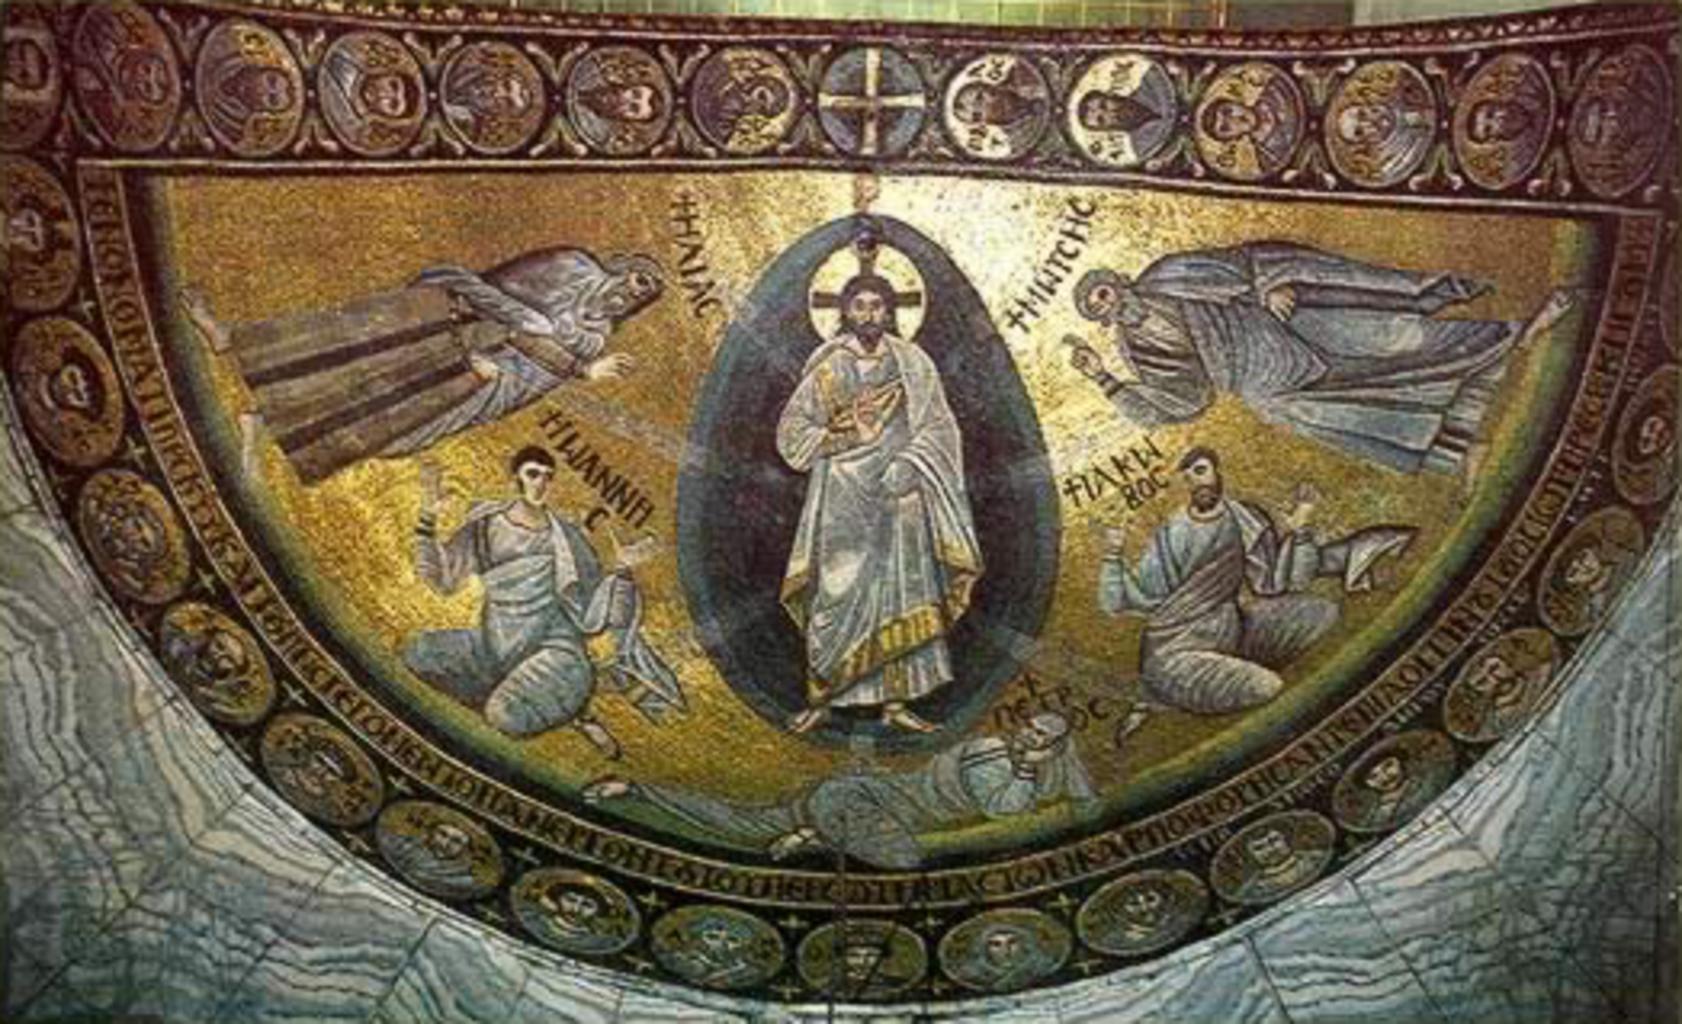 Mănăstirea Sfânta Ecaterina din Sinai, Mănăstirea Schimbării la Faţă